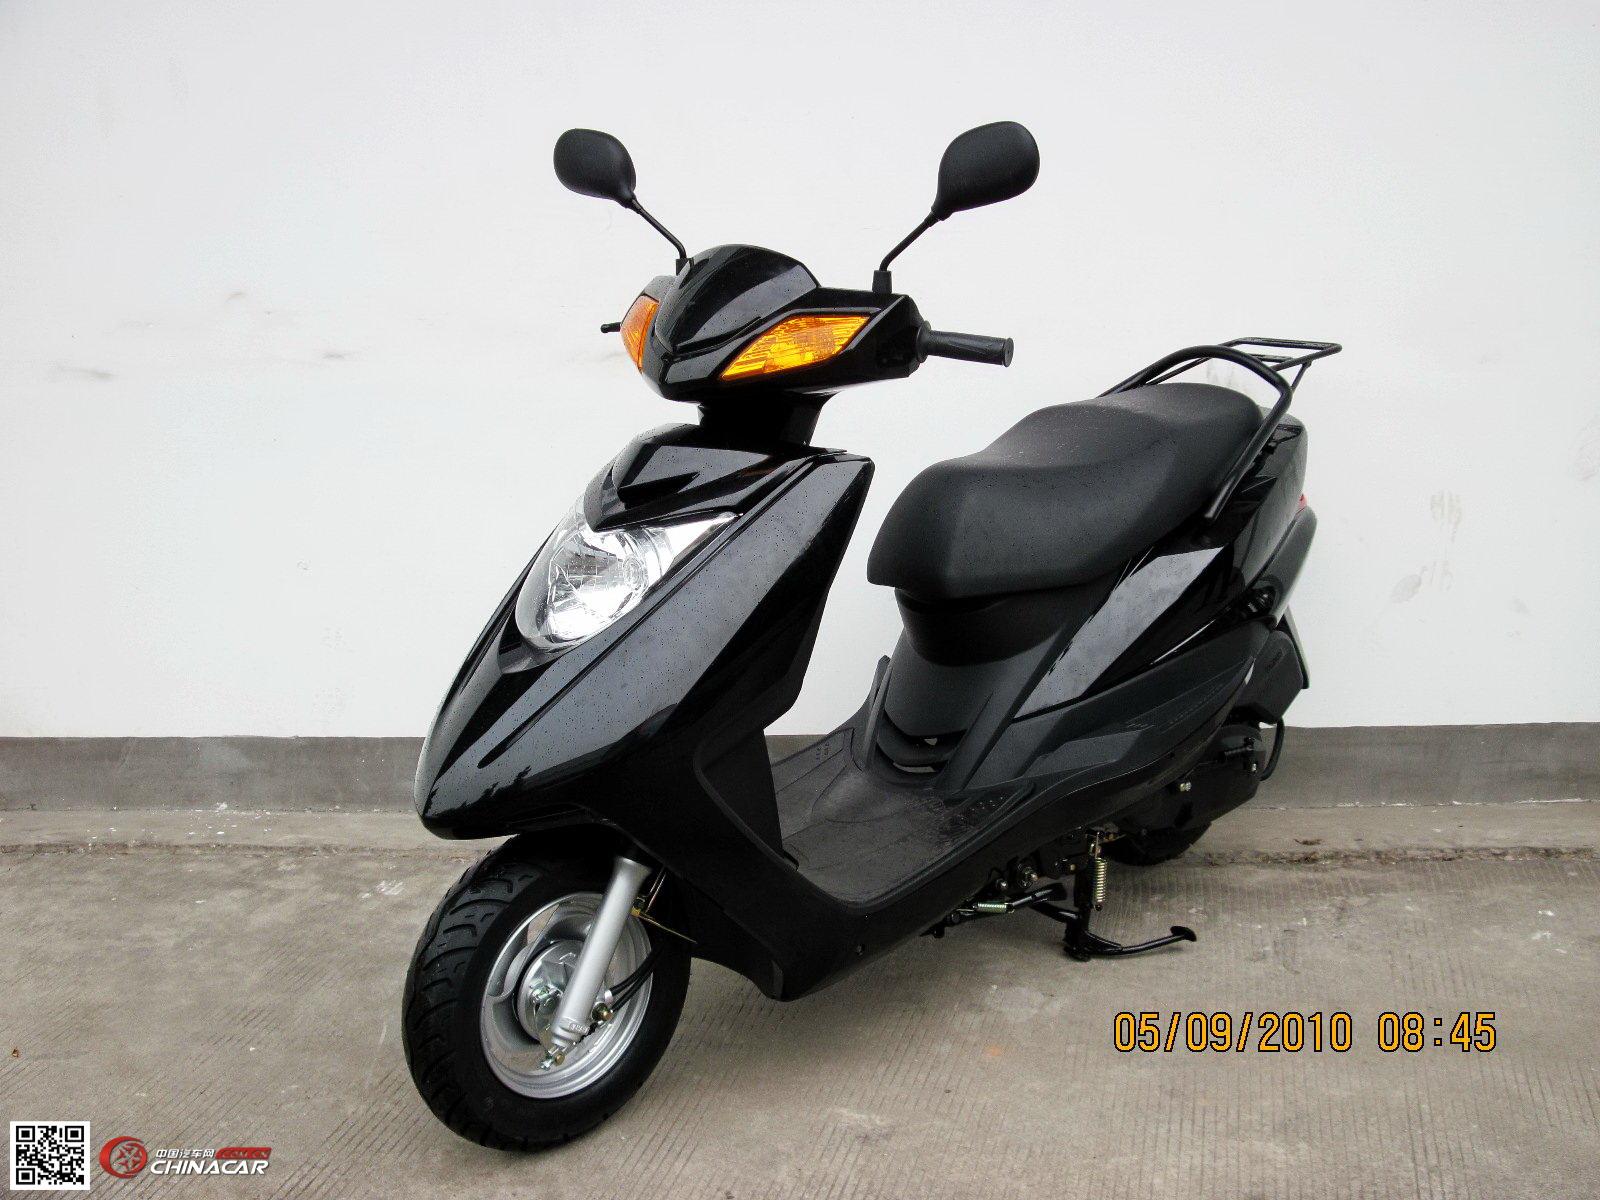 雅马哈(yamaha)zy100t-7a型两轮摩托车